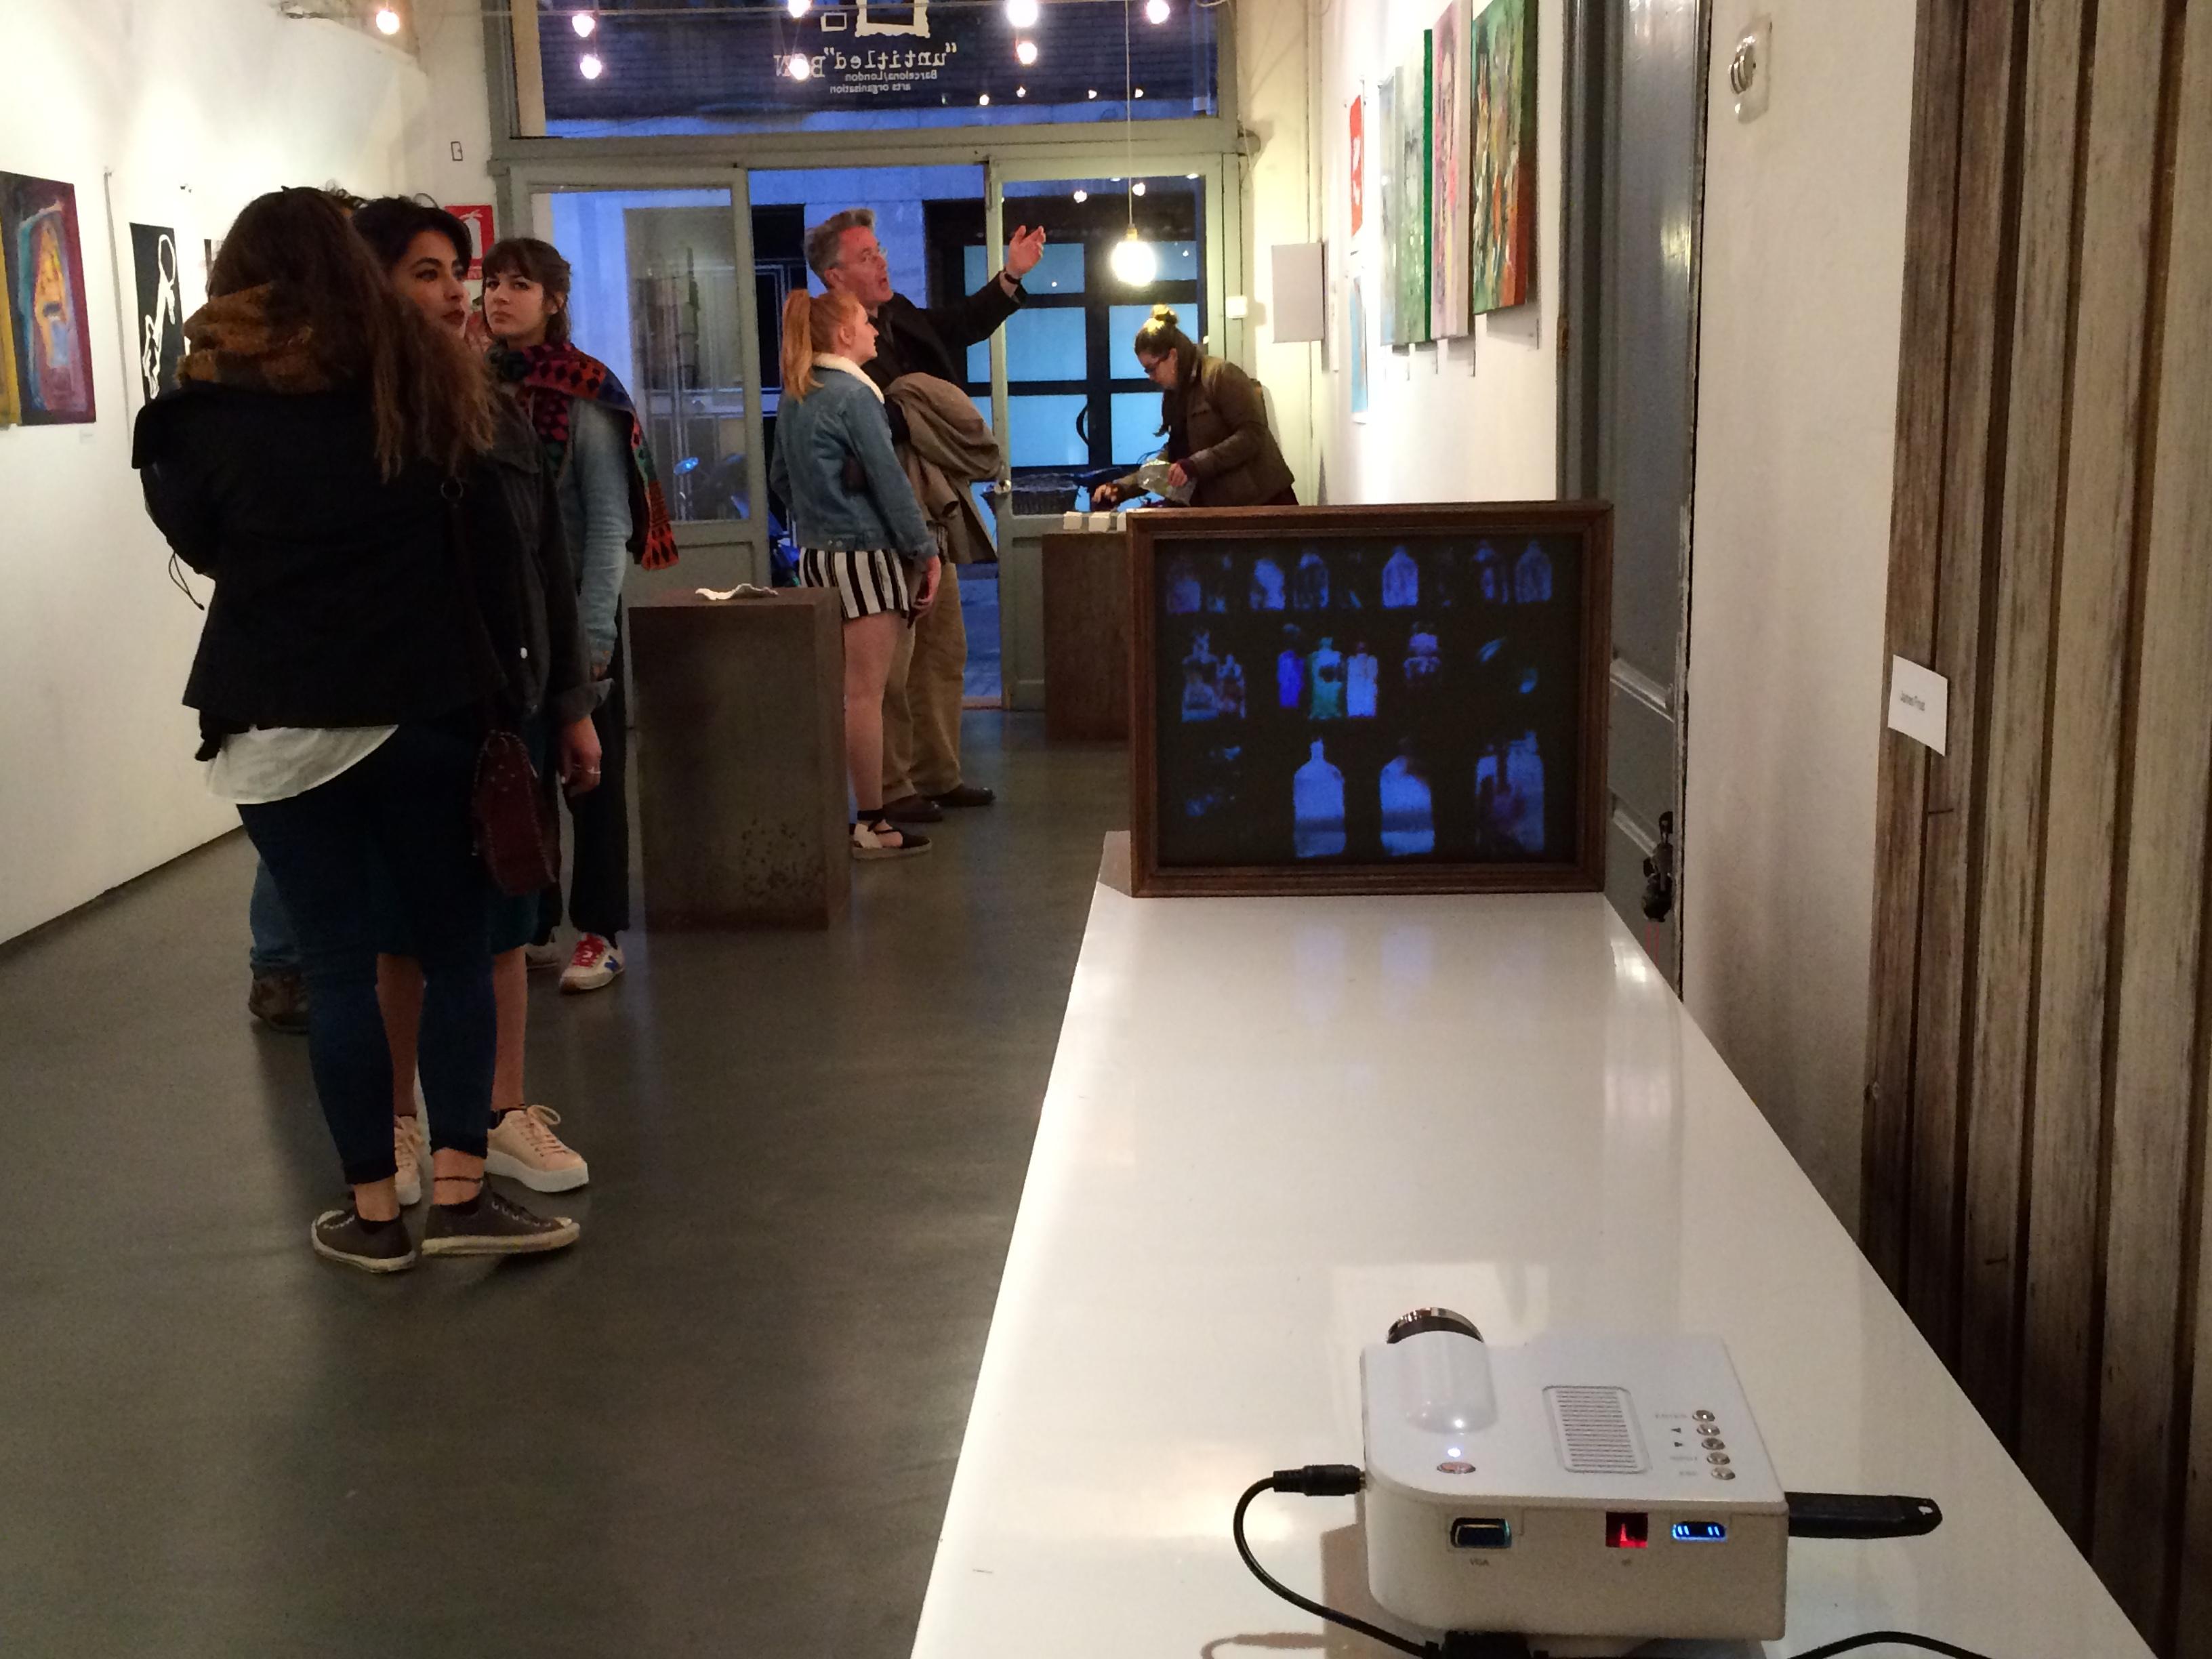 'Utopia' exhibition